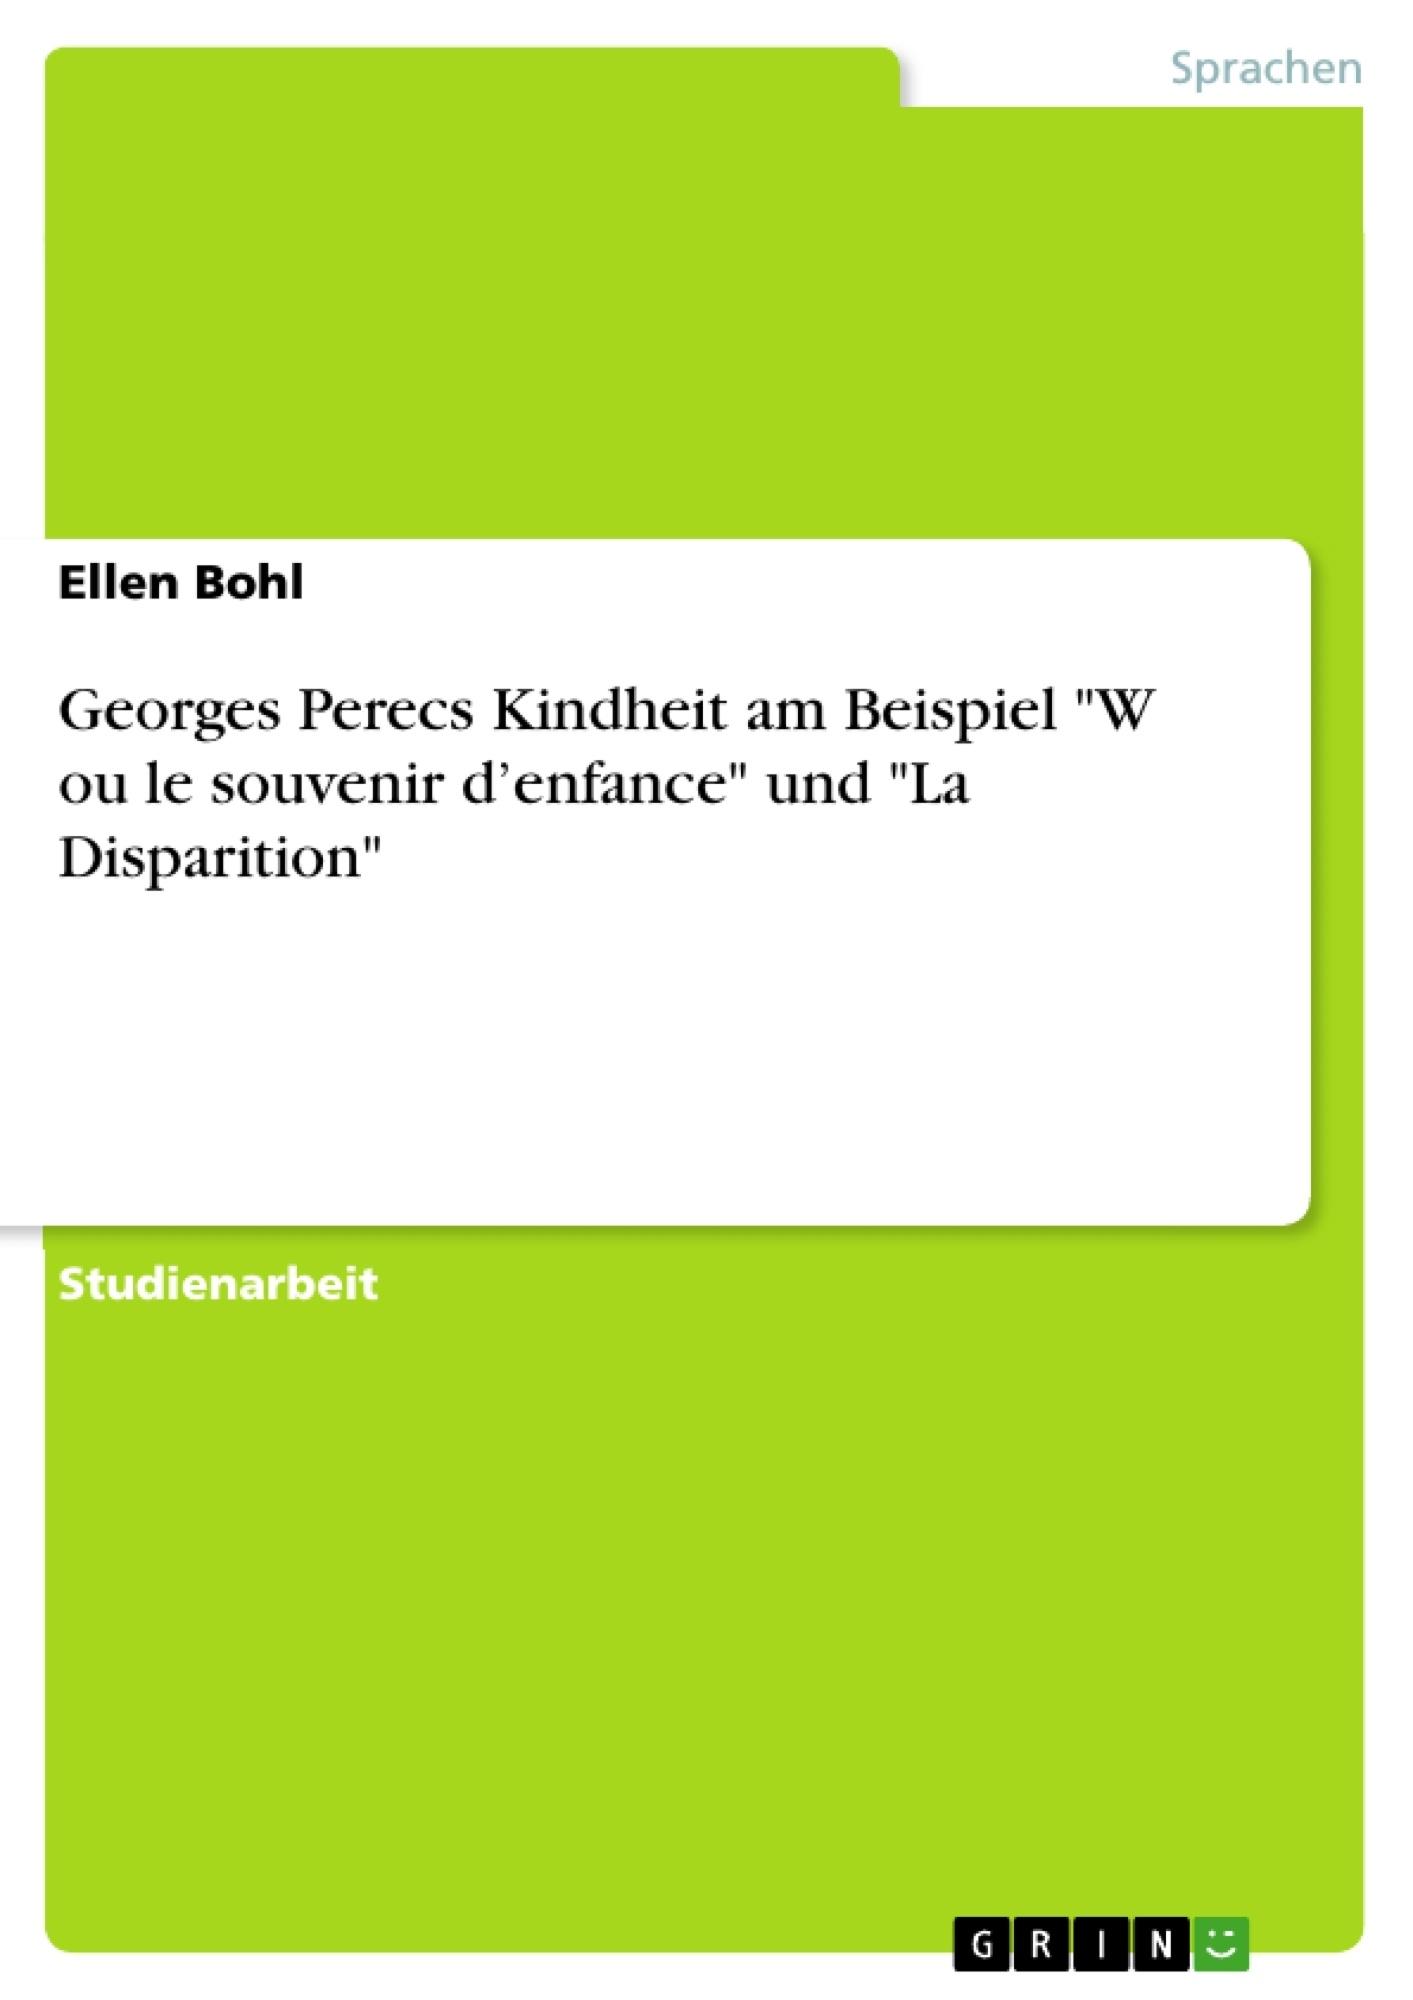 """Titel: Georges Perecs Kindheit am Beispiel """"W ou le souvenir d'enfance"""" und """"La Disparition"""""""